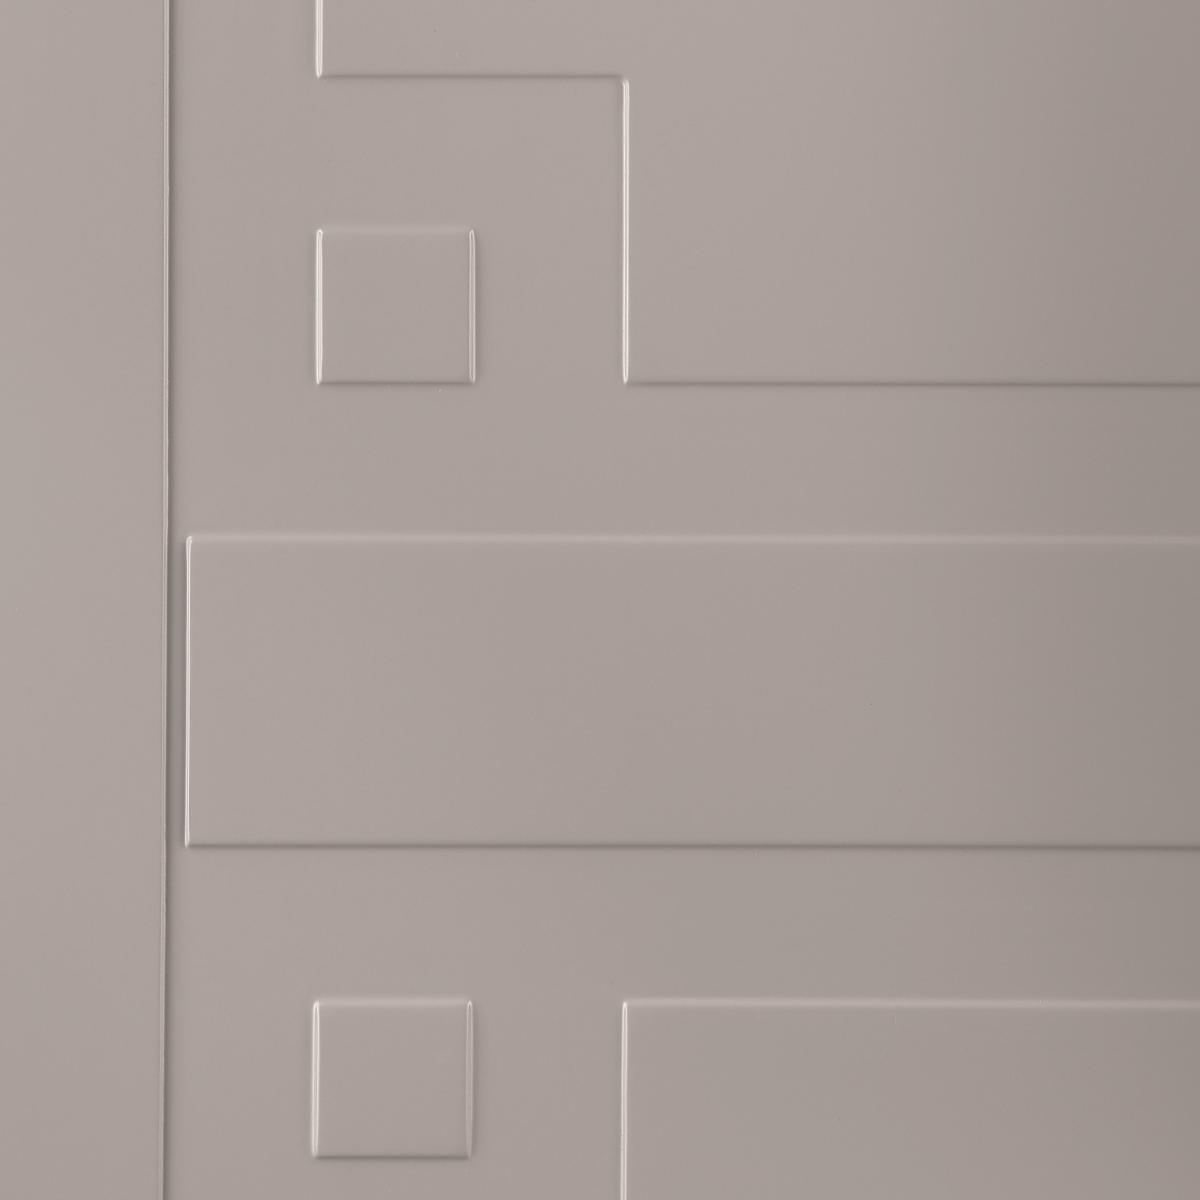 Дверь Межкомнатная Глухая С Замком В Комплекте Лира 200x90 Эмаль Цвет Мускат